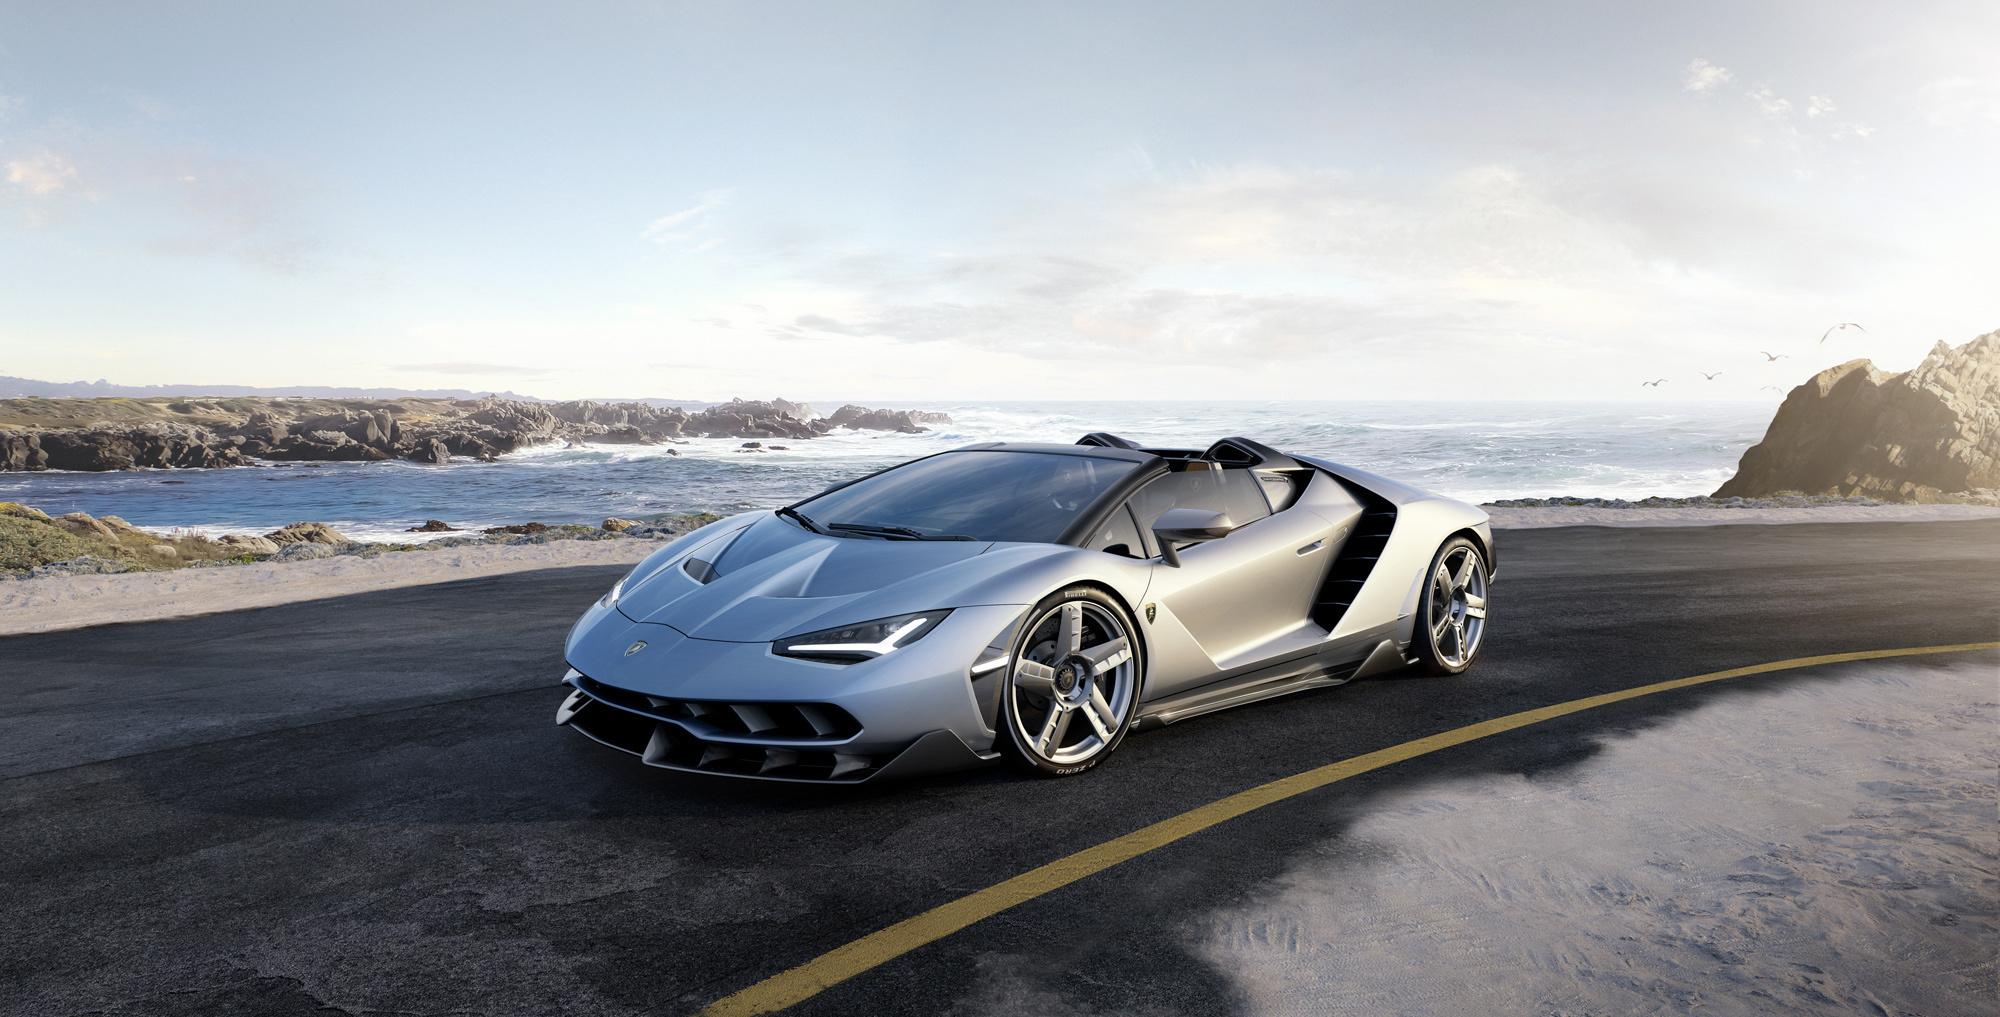 Lamborghini Centenario Roadster Wallpapers